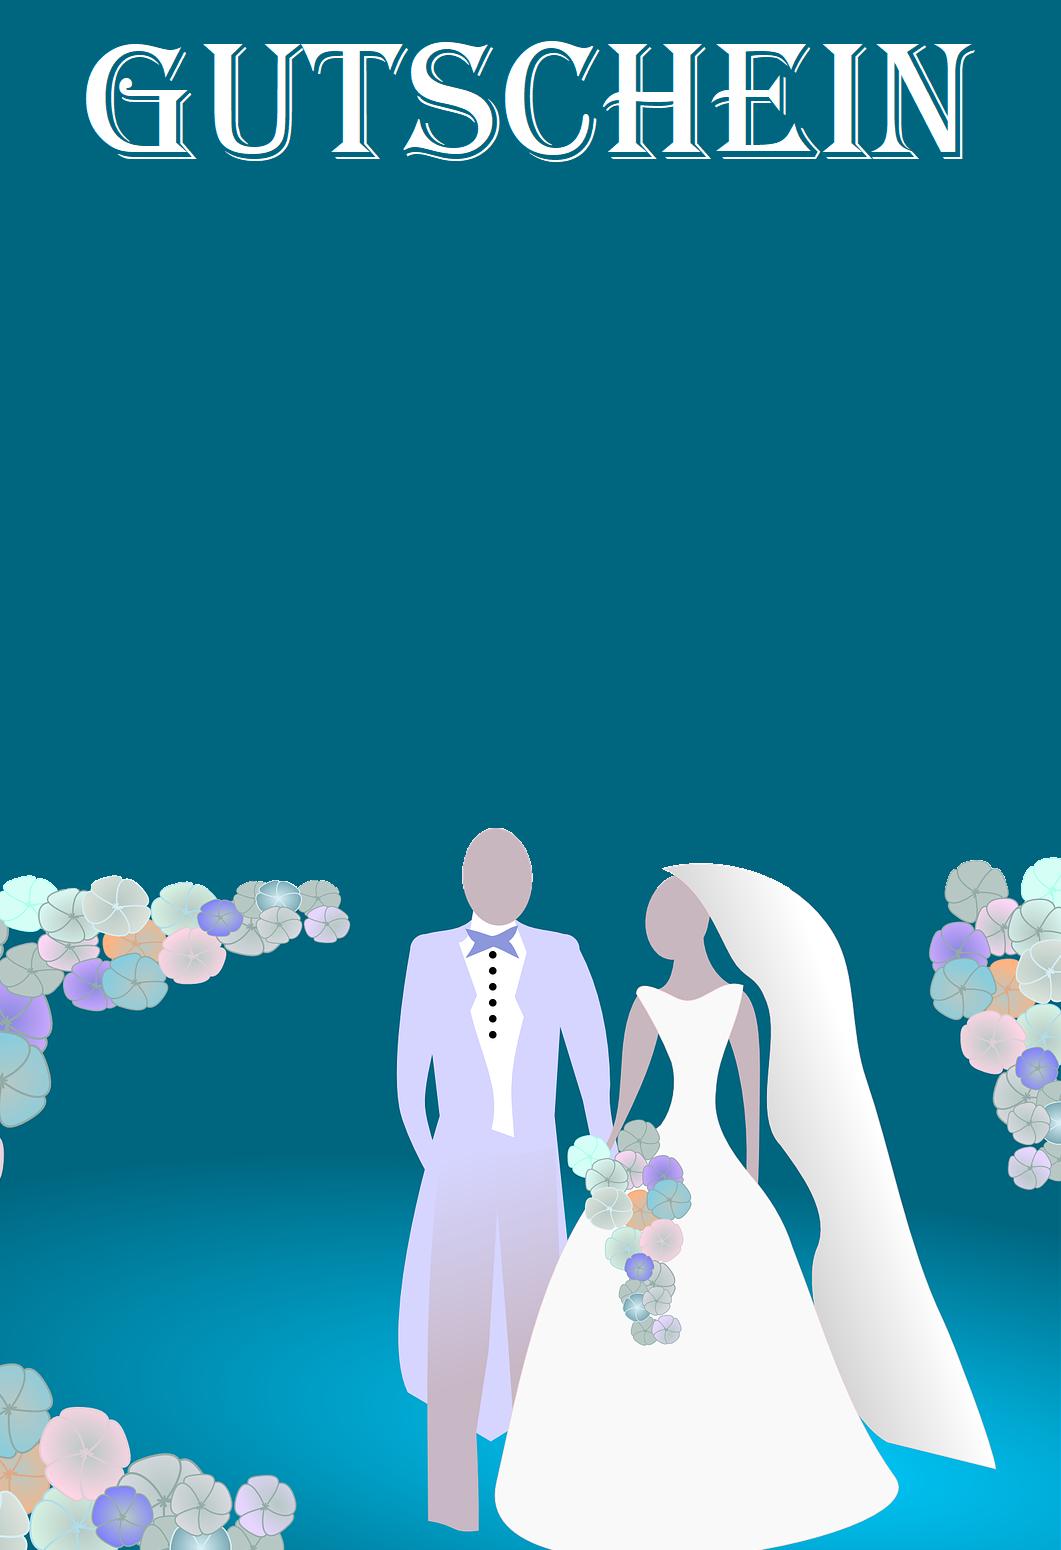 Gutscheinvorlage Zur Hochzeit In 2020 Gutschein Vorlage Gutscheine Vorlagen